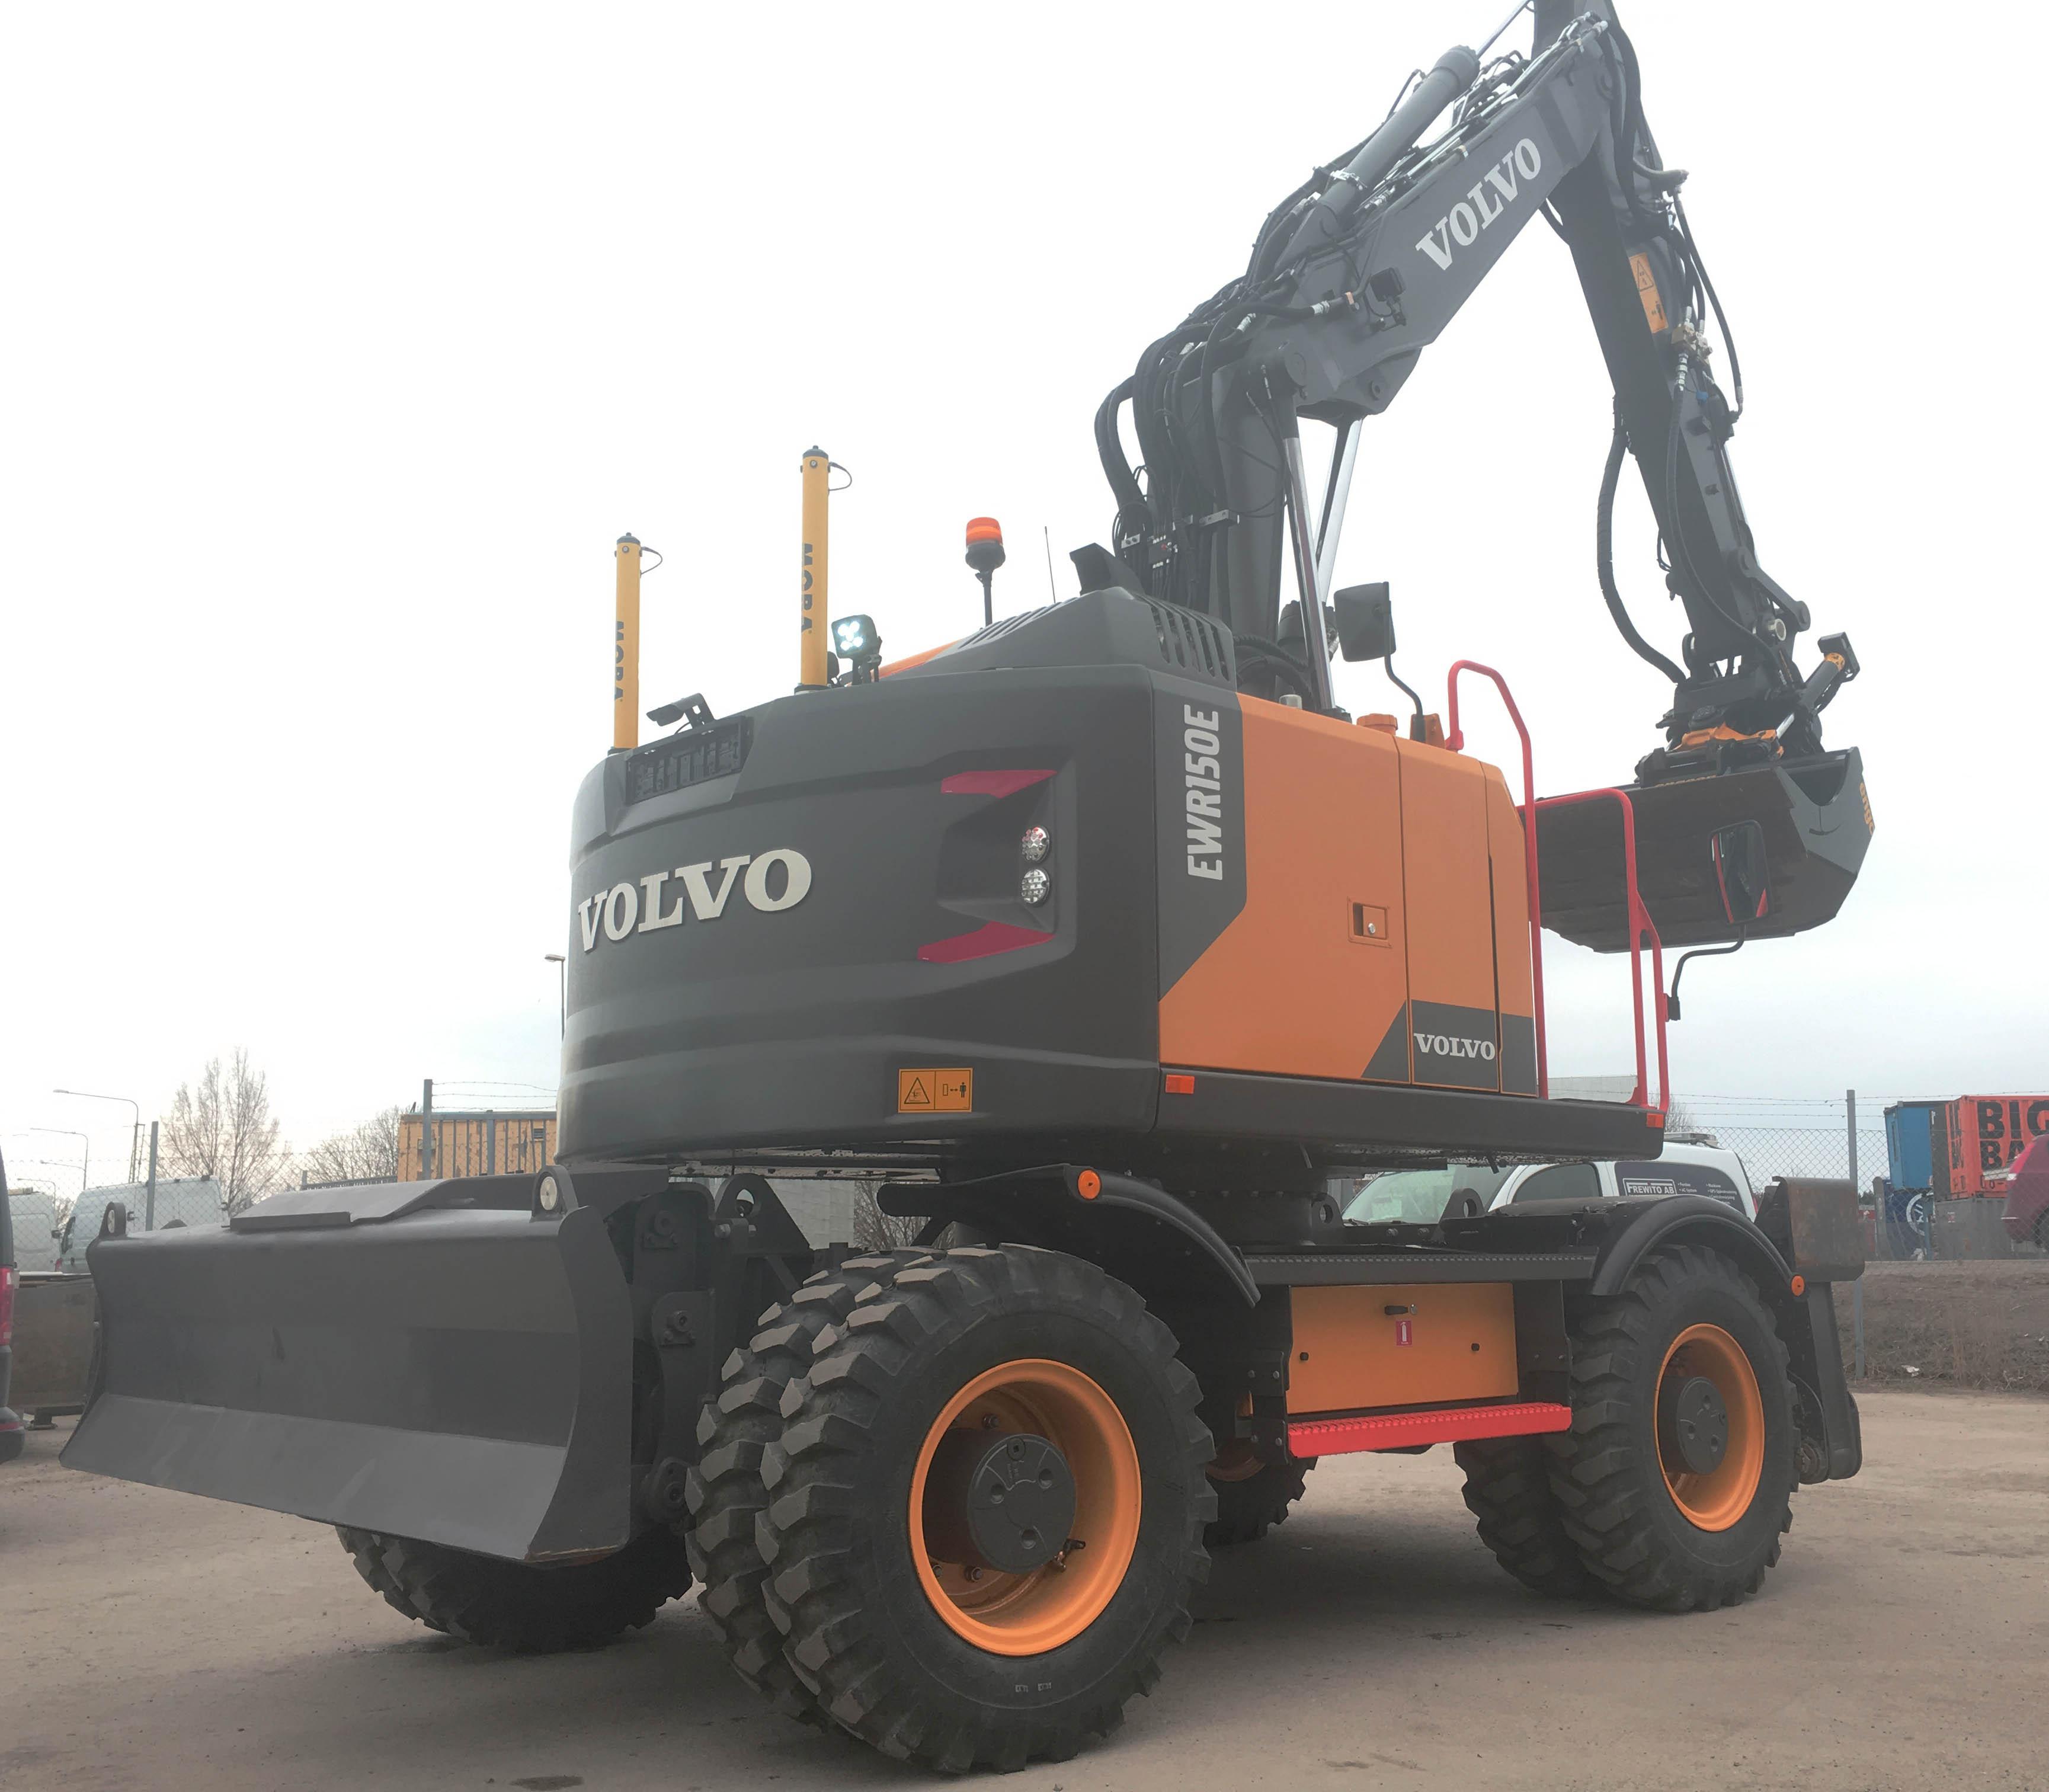 Vi hyr ut Volvo grävmaskin i Stockholm